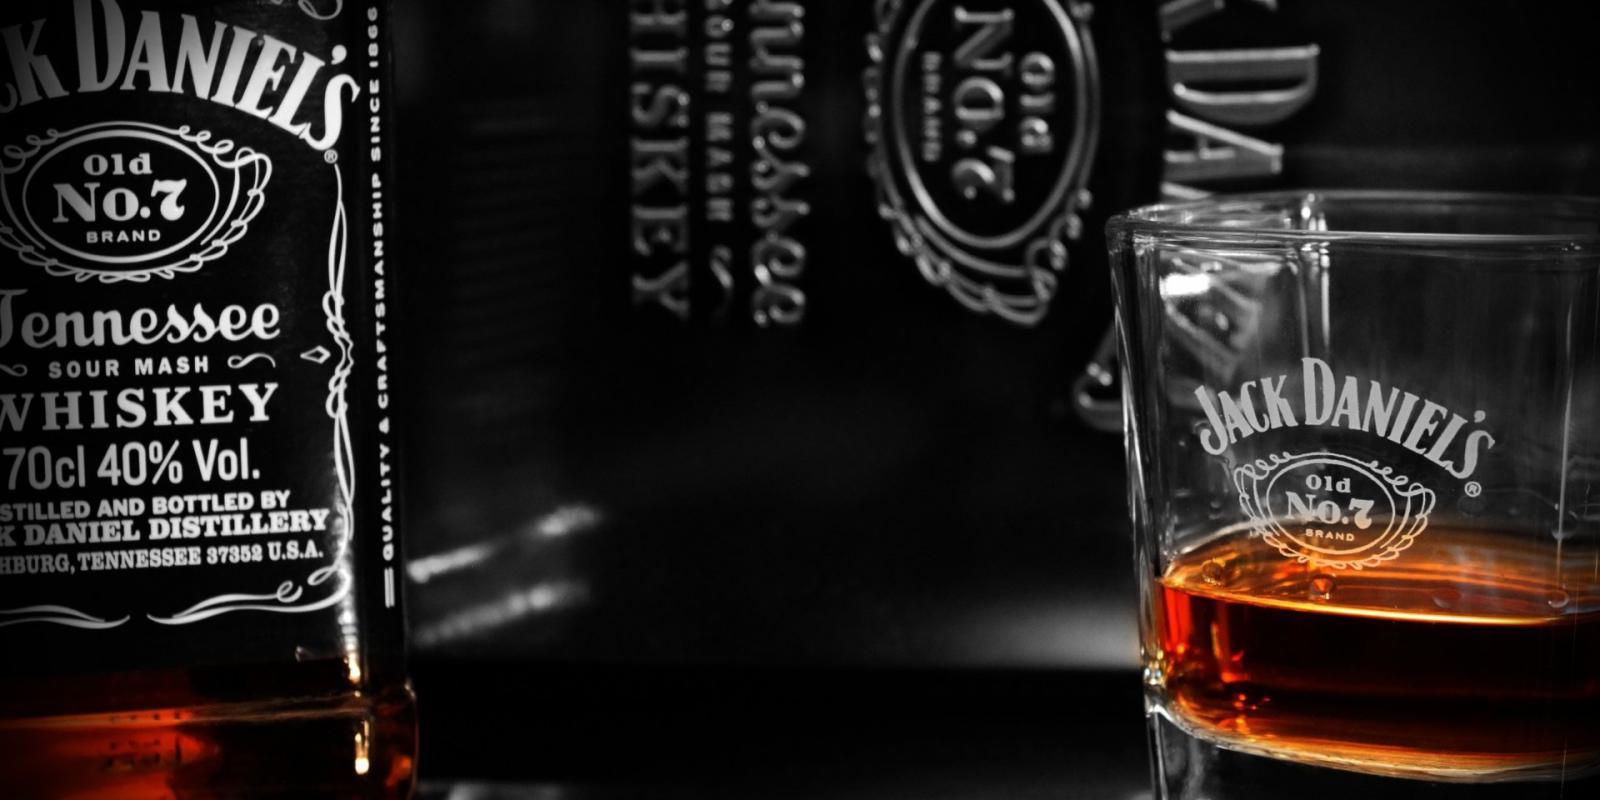 Image décrivant le produit Jack Daniel's Gold No 27 qui fait partie des Whiskies